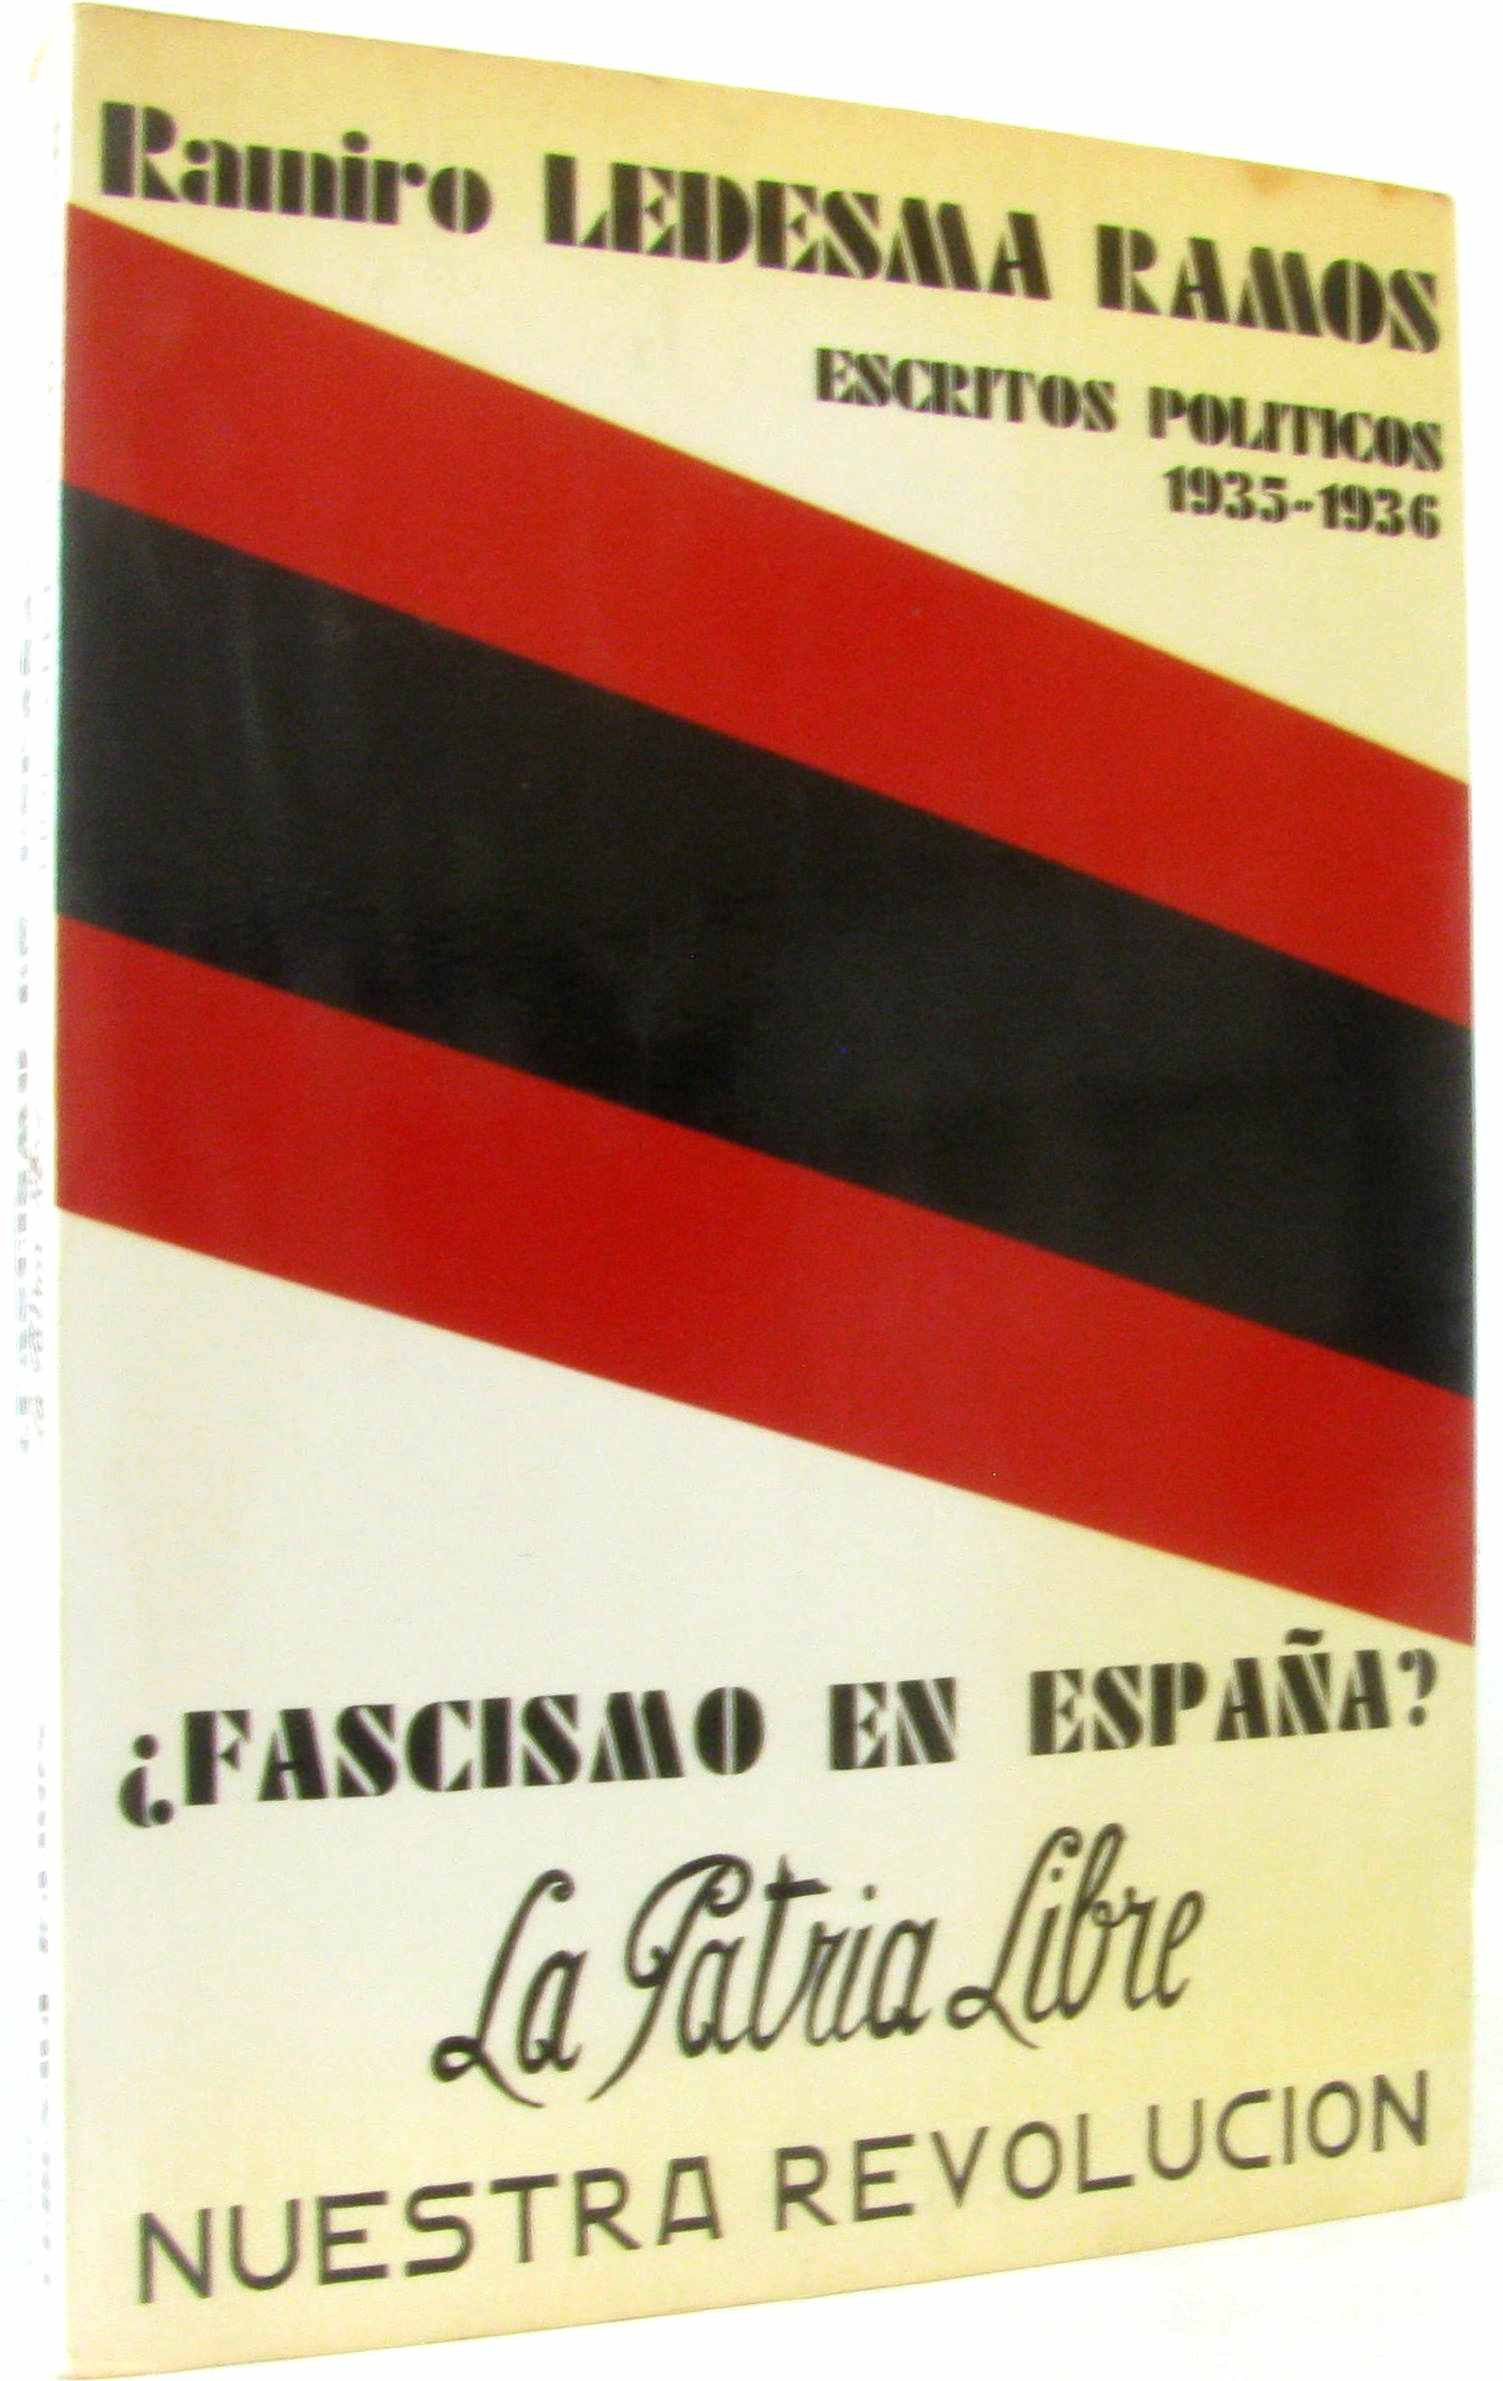 Fascismo en espana? La Patria libre, Nuestra revolucion livre en espagnol: Amazon.es: Ledesma Ramos: Libros